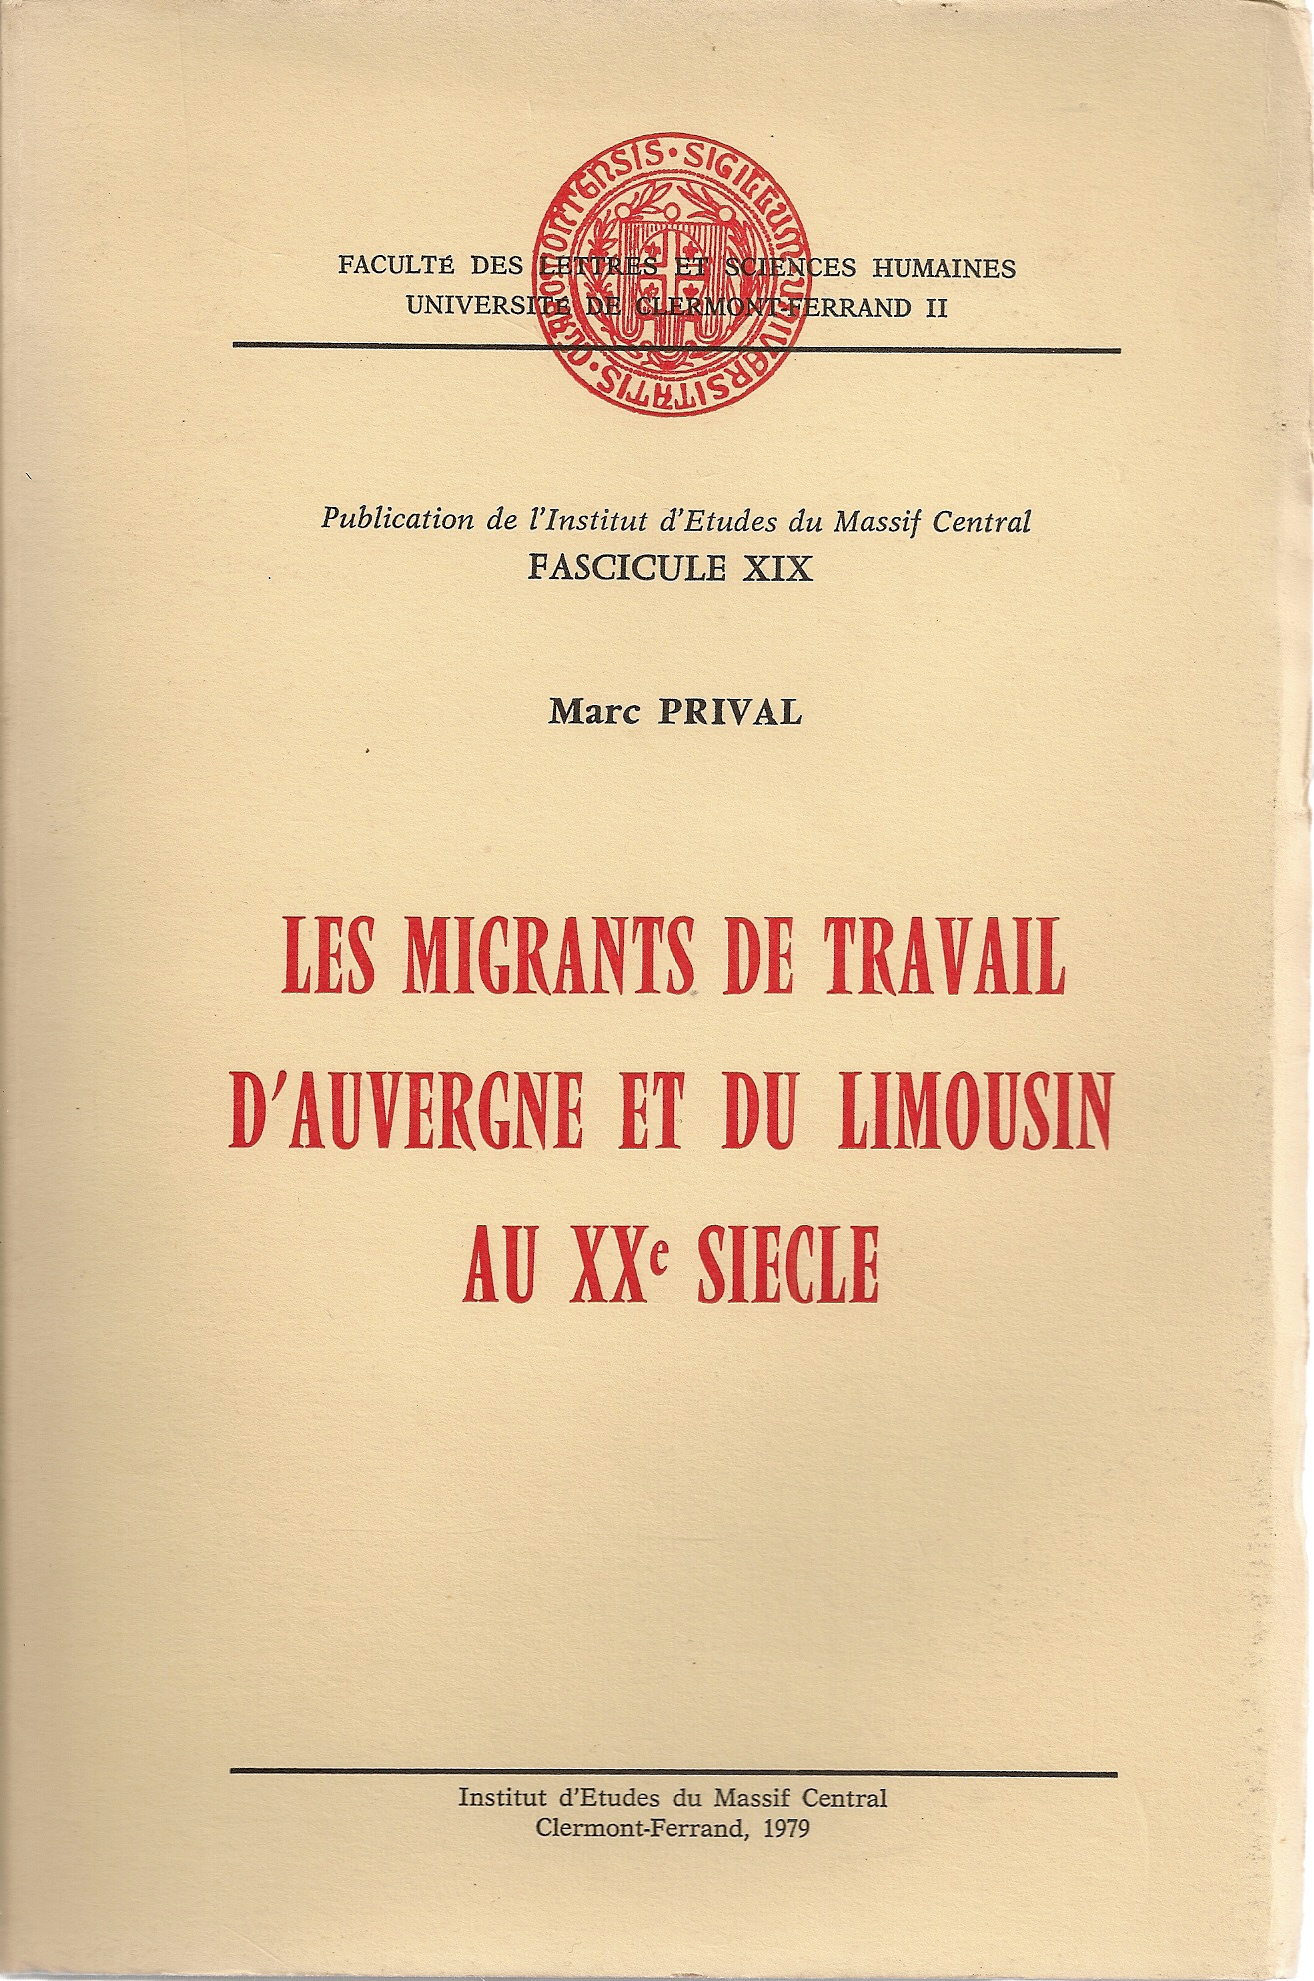 Les migrants de travail....Marc PRIVAL